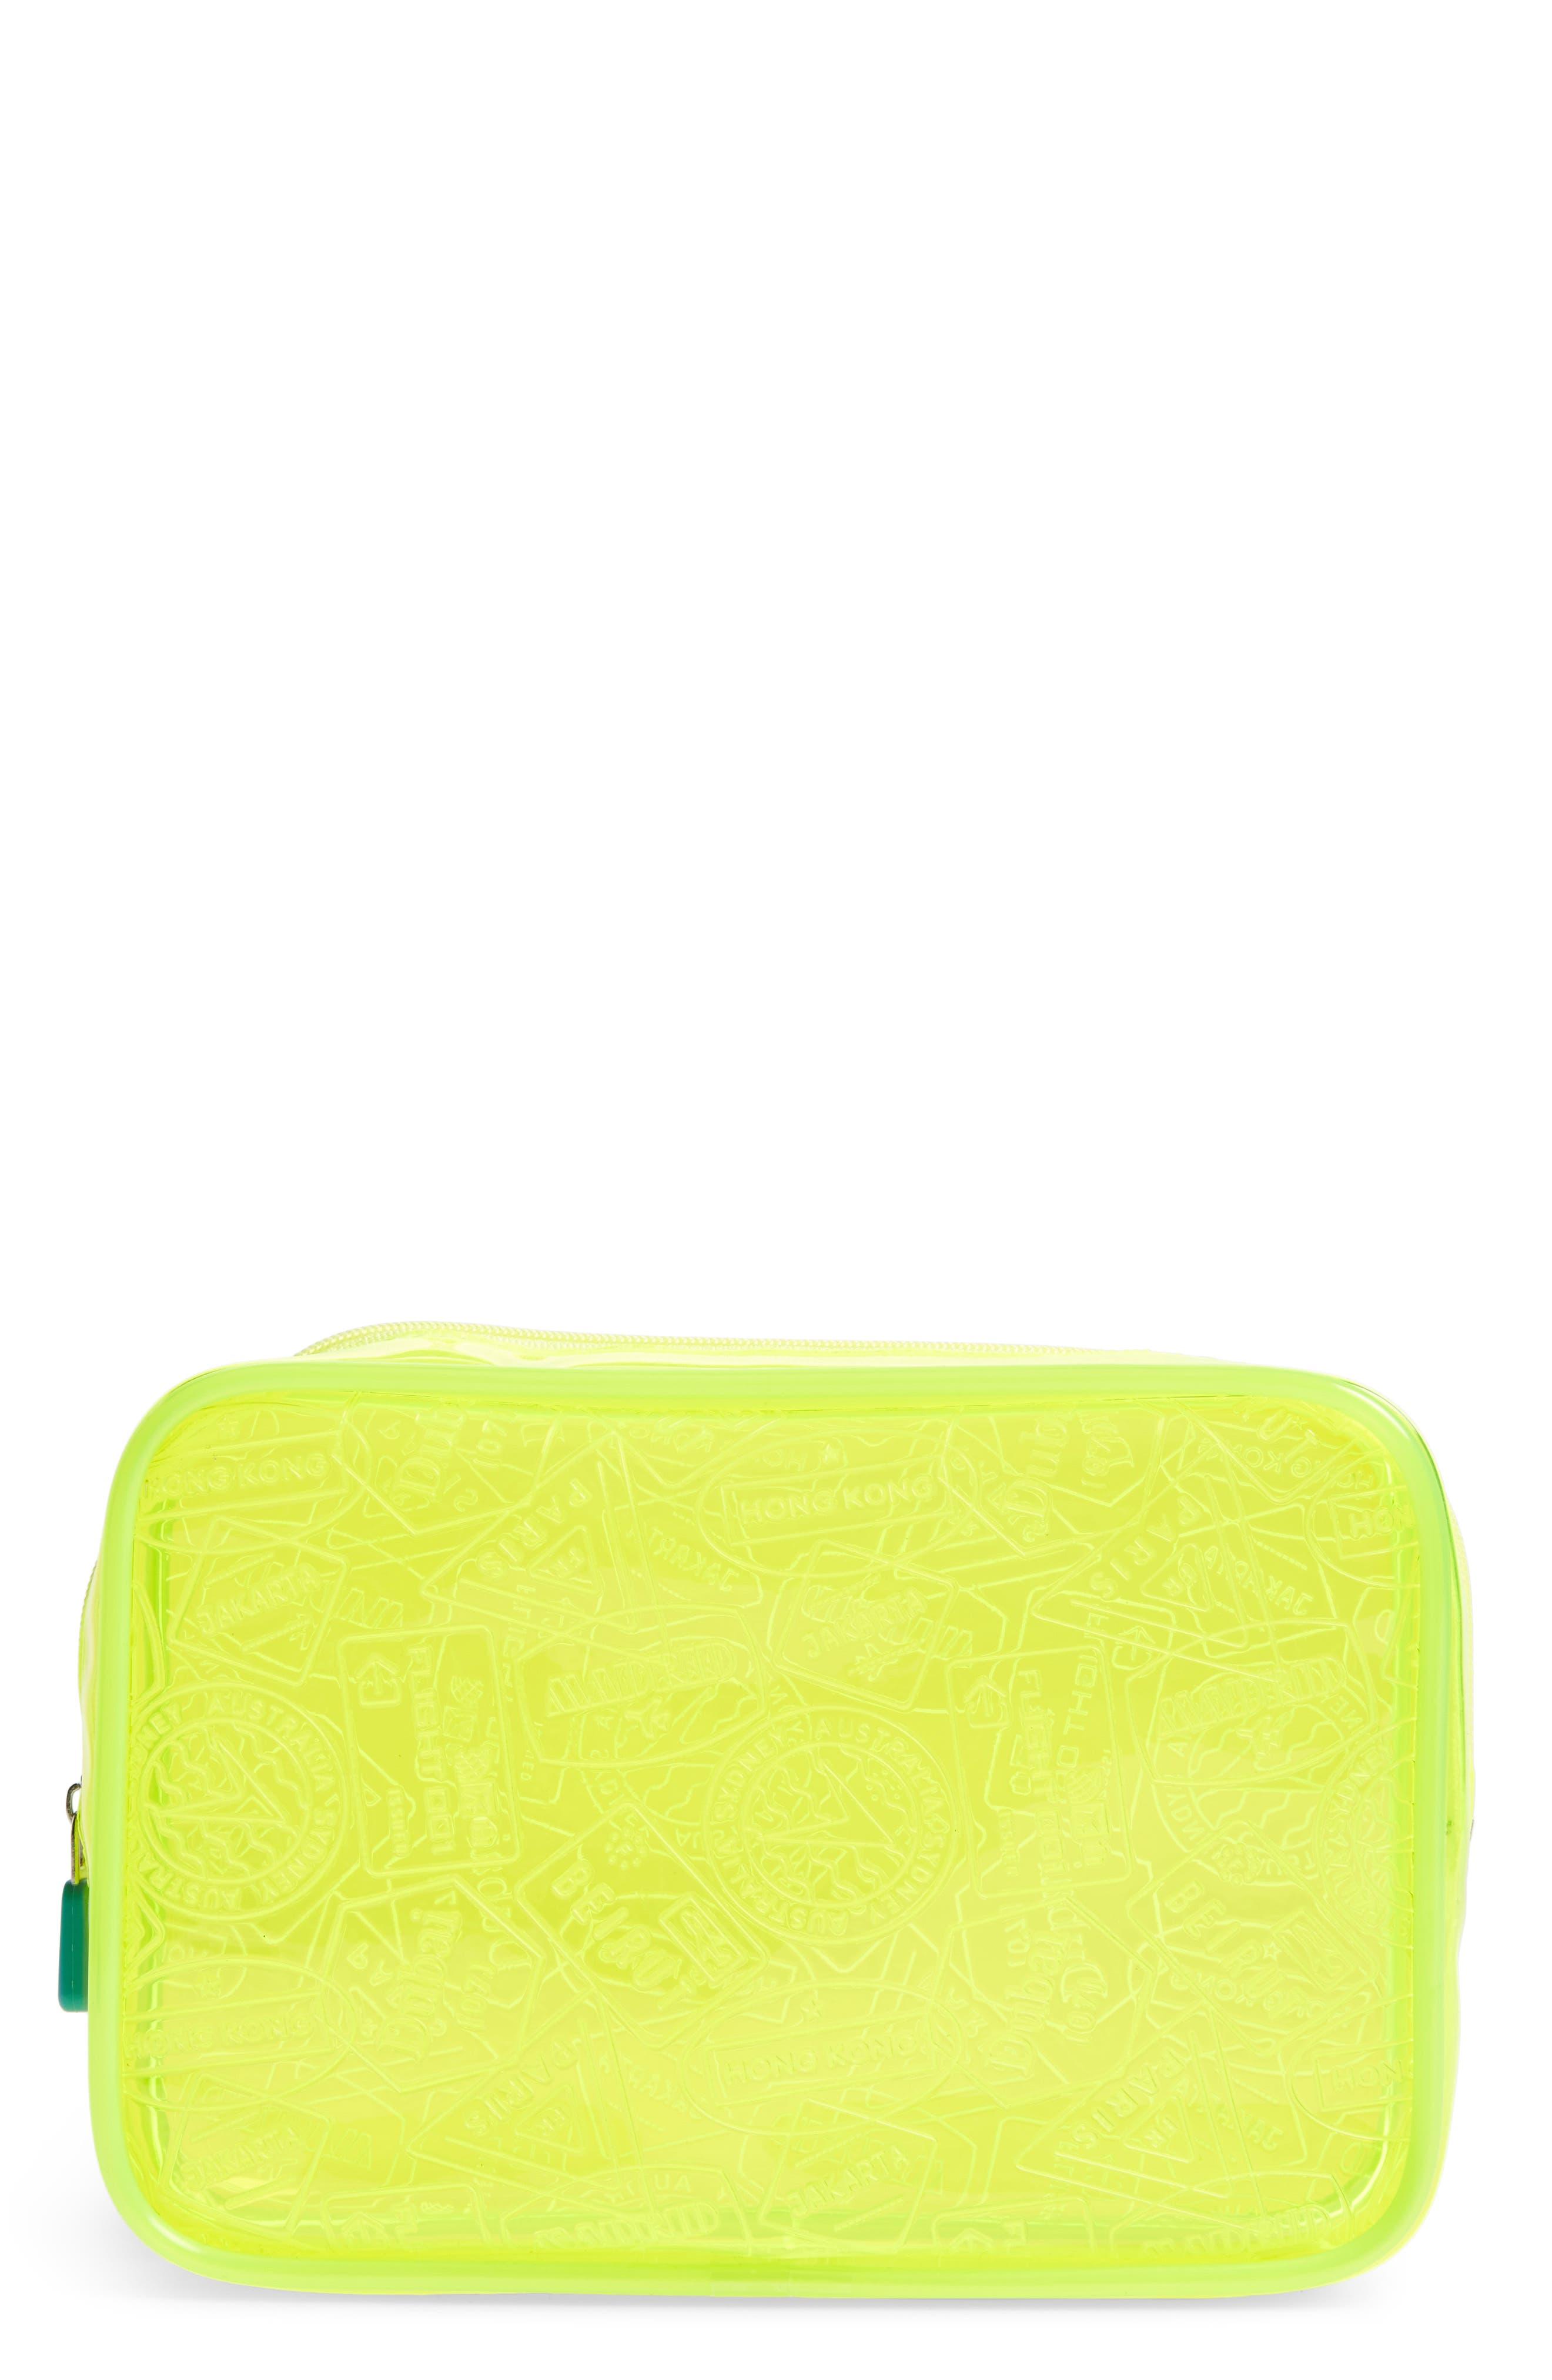 Flight 001 'X-Ray' Neon Quart Bag